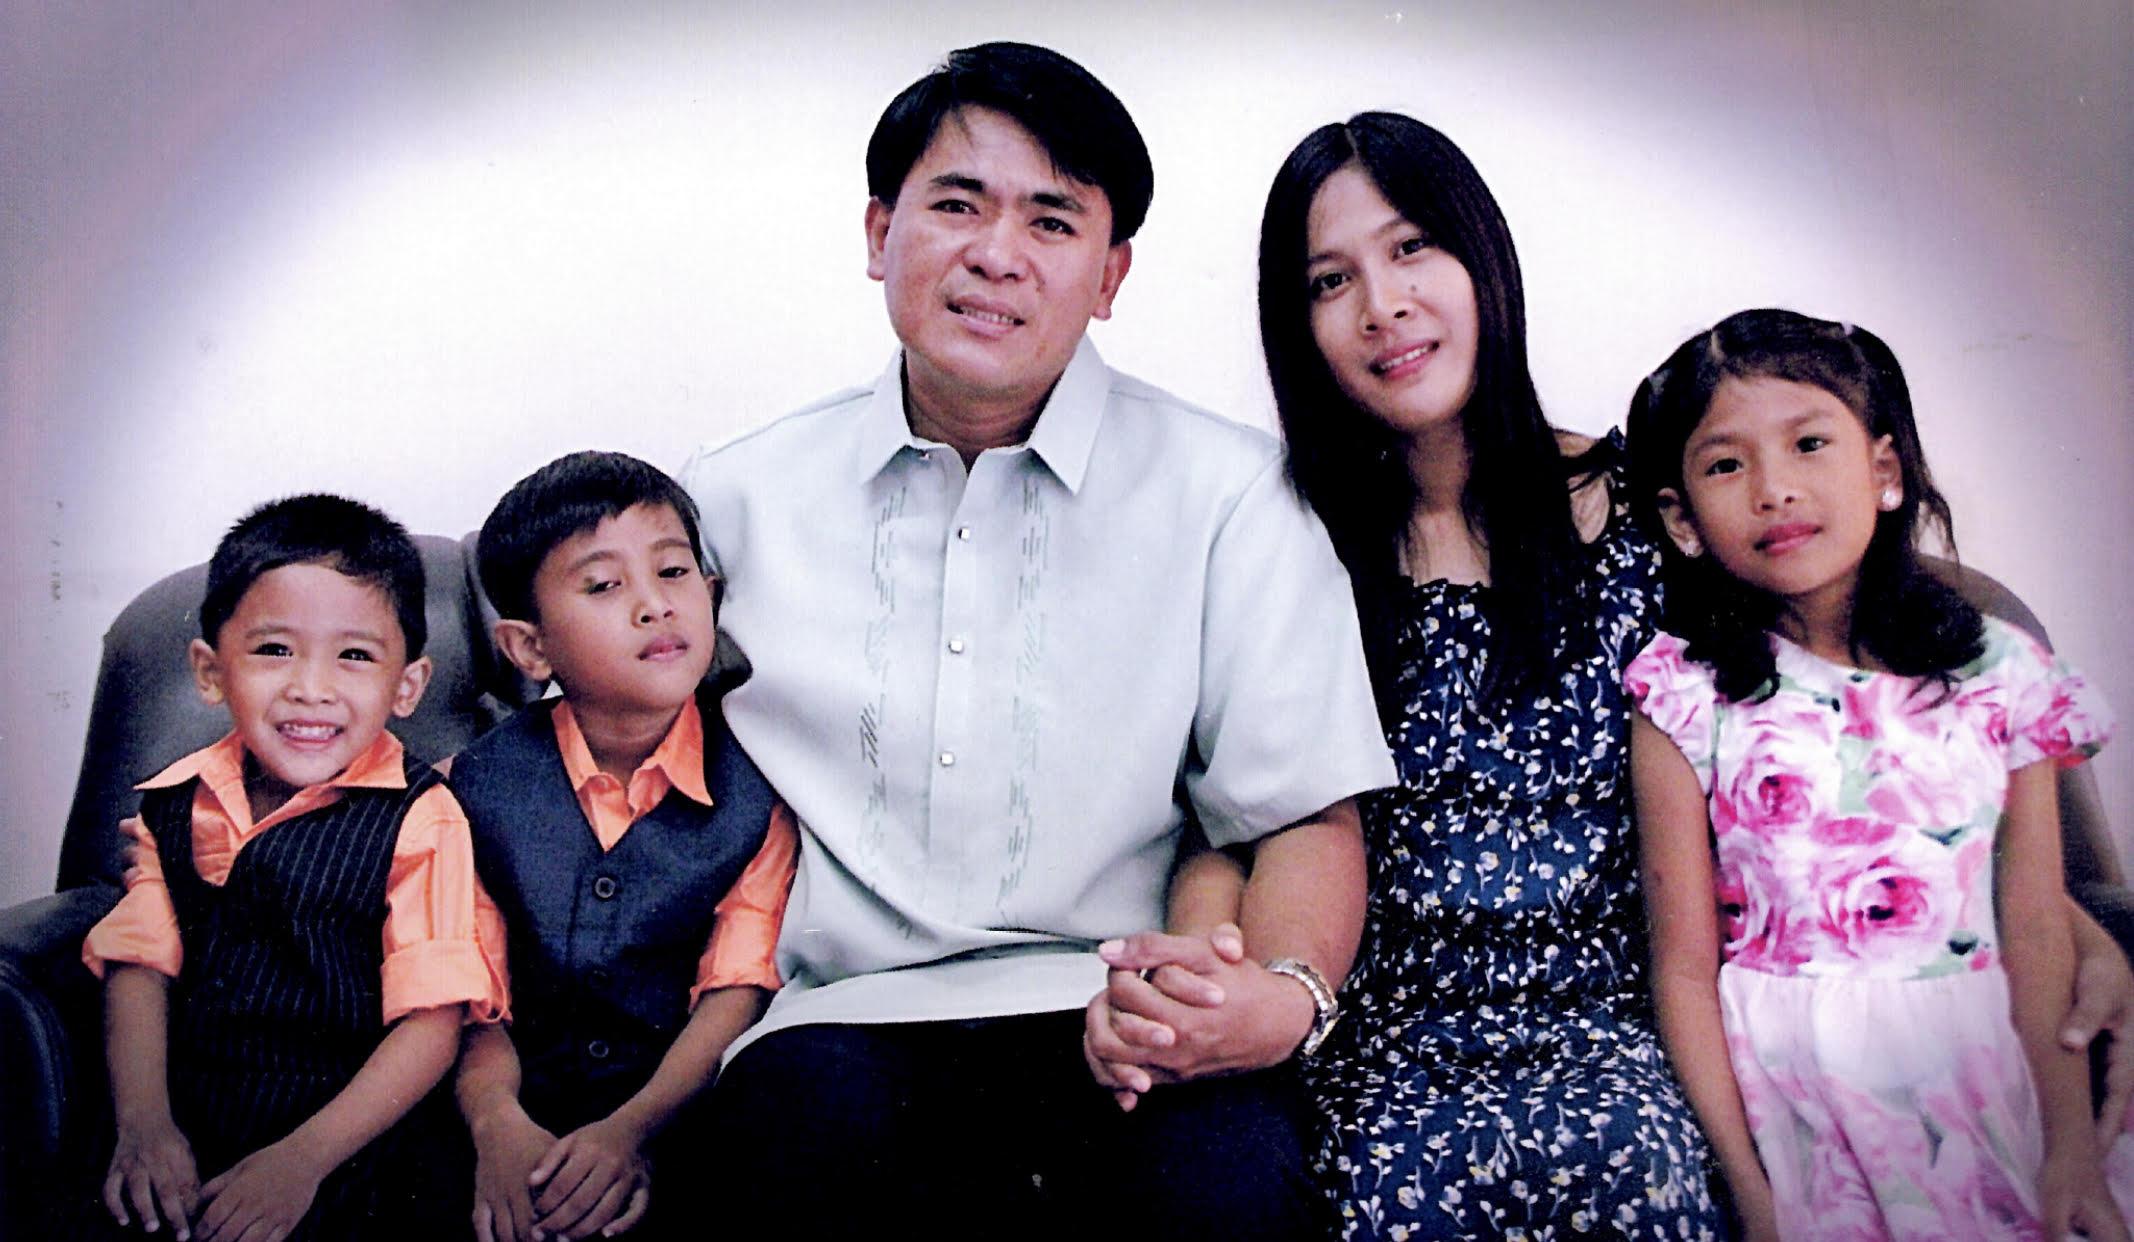 Canda-family